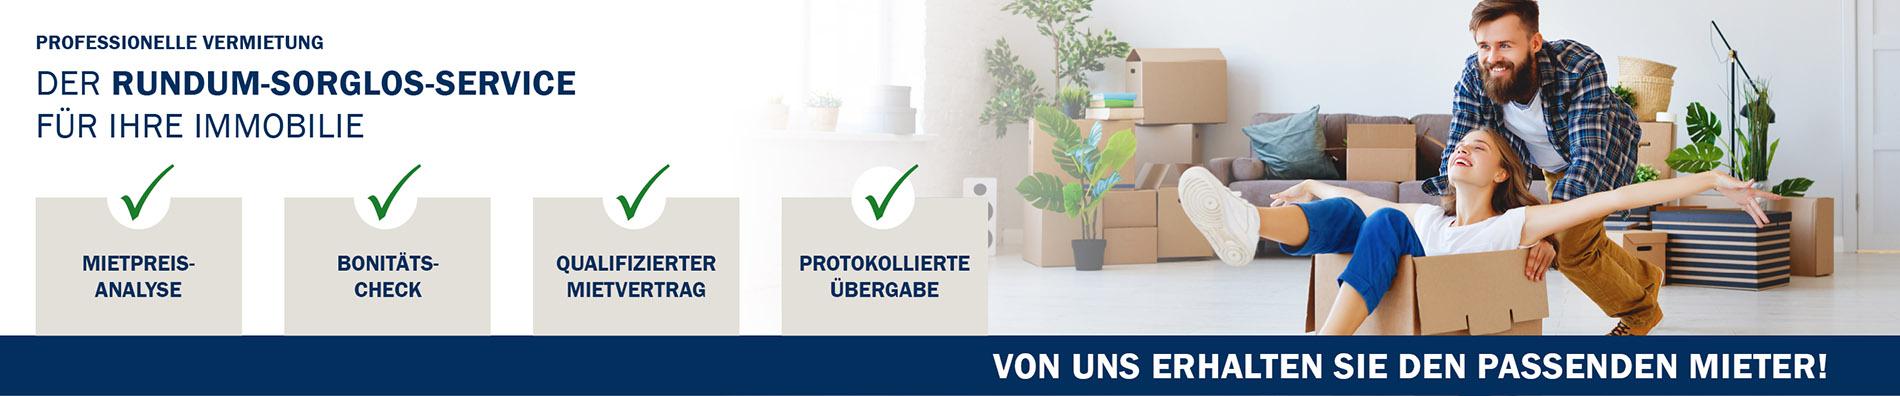 Rommelmann Online Banner Homepage Vermietung